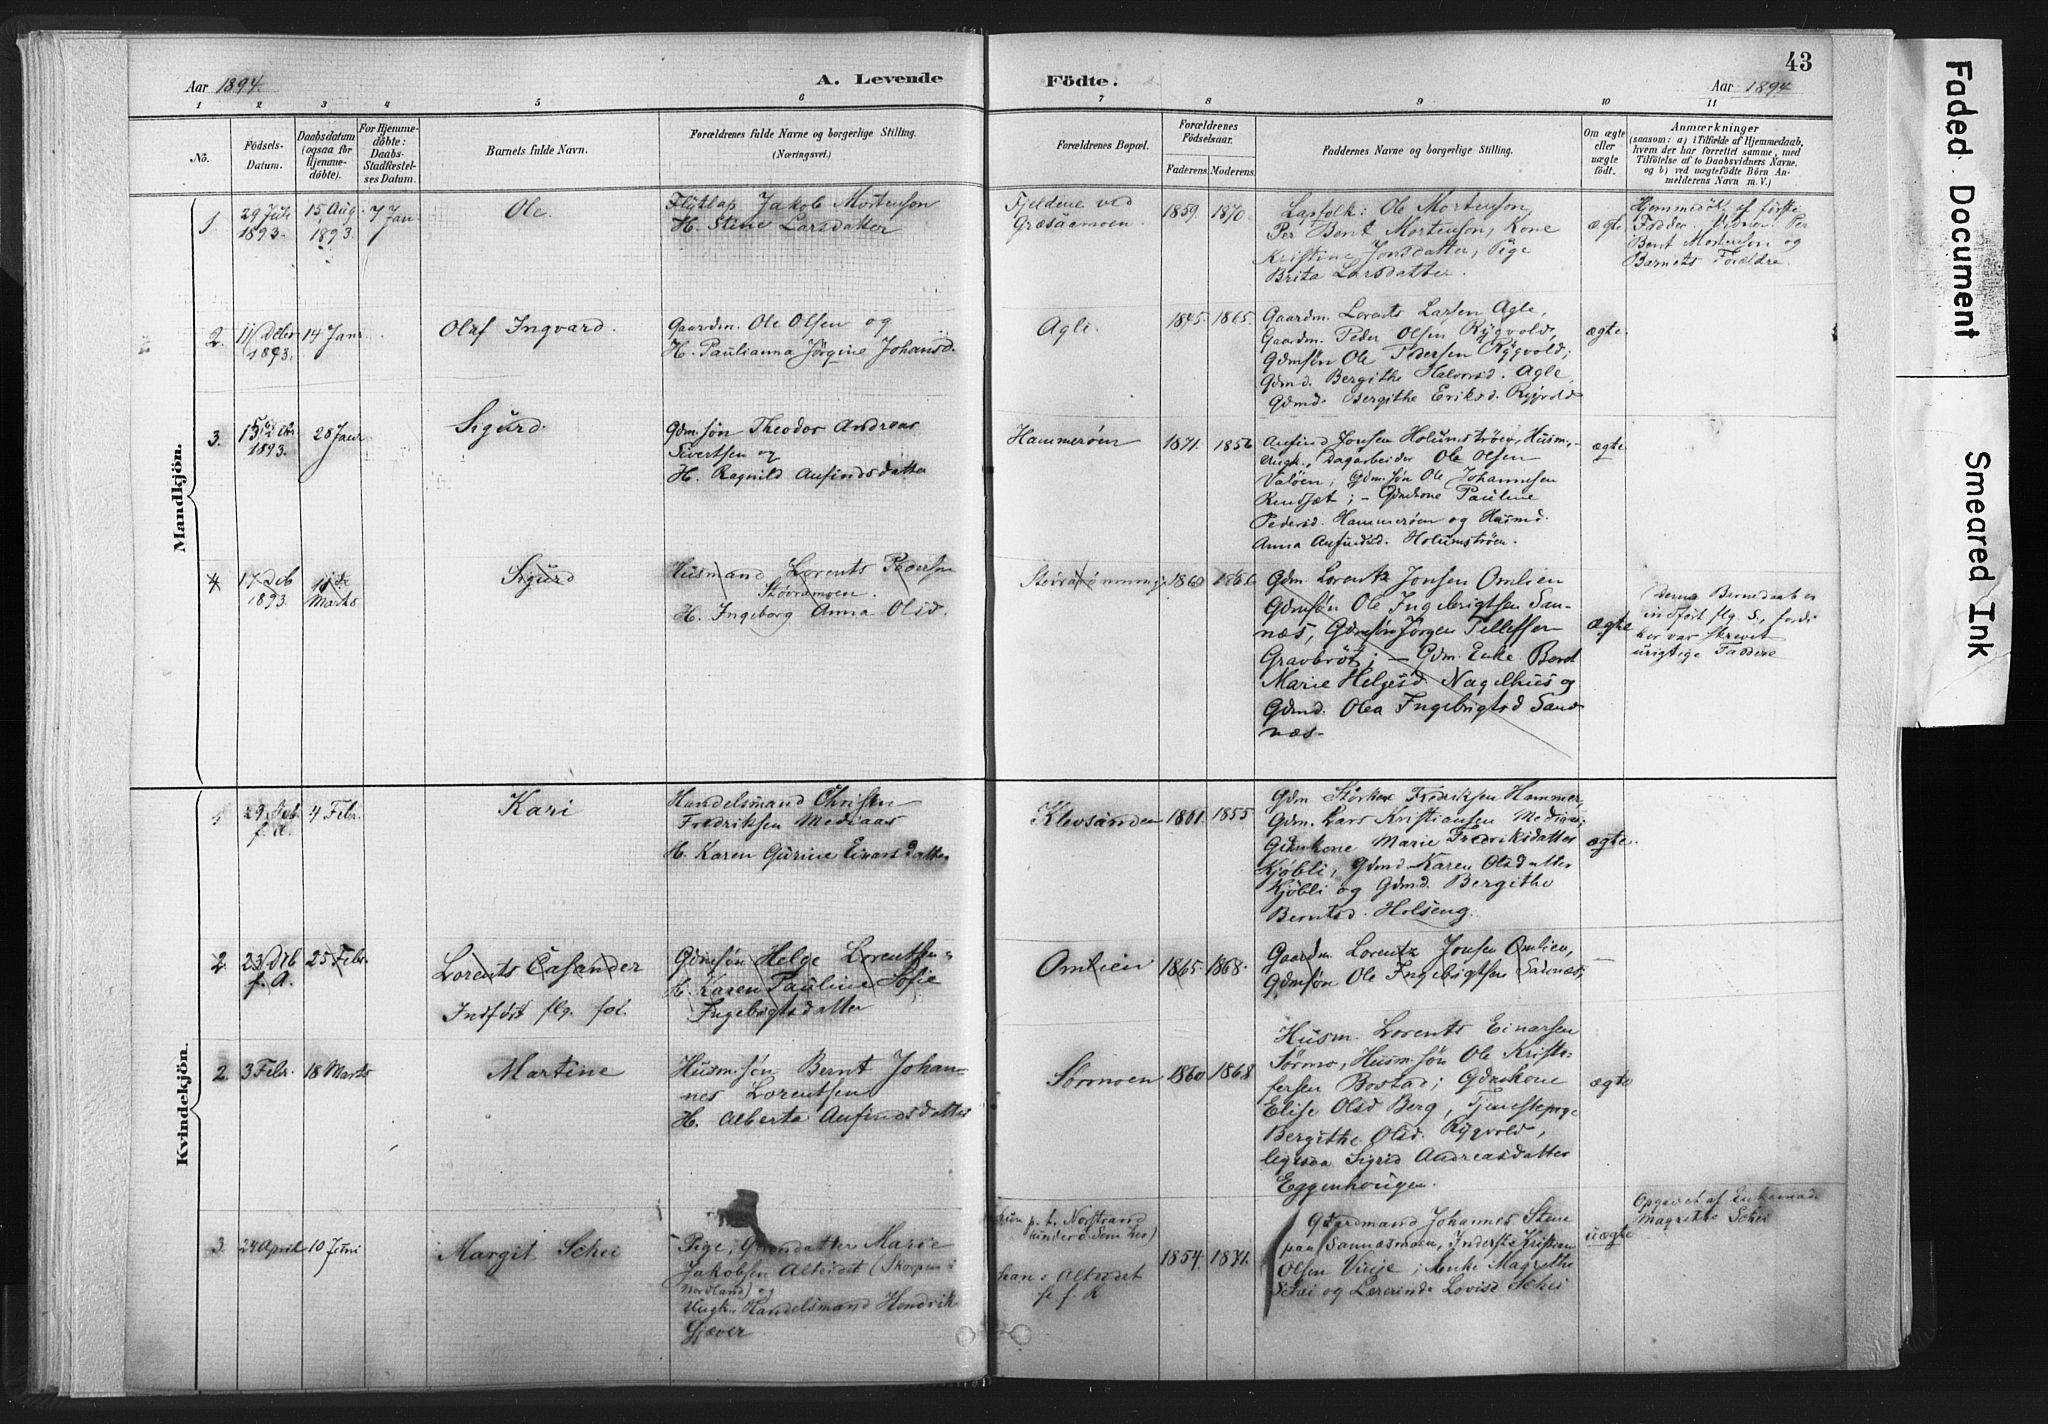 SAT, Ministerialprotokoller, klokkerbøker og fødselsregistre - Nord-Trøndelag, 749/L0474: Ministerialbok nr. 749A08, 1887-1903, s. 43